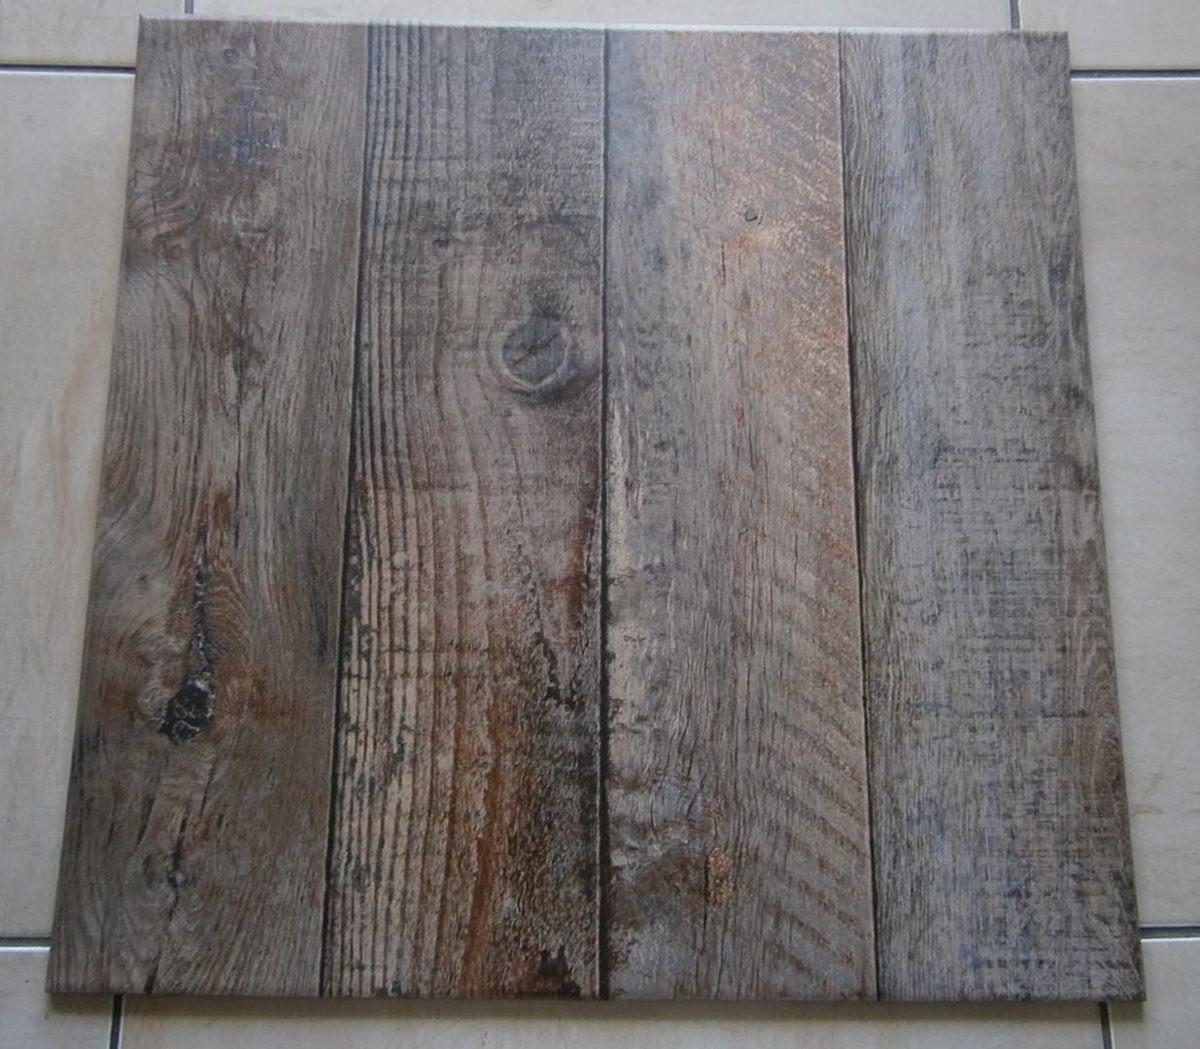 ceramica cauelas imitacion madera 50x50 - Ceramica Imitacion Madera